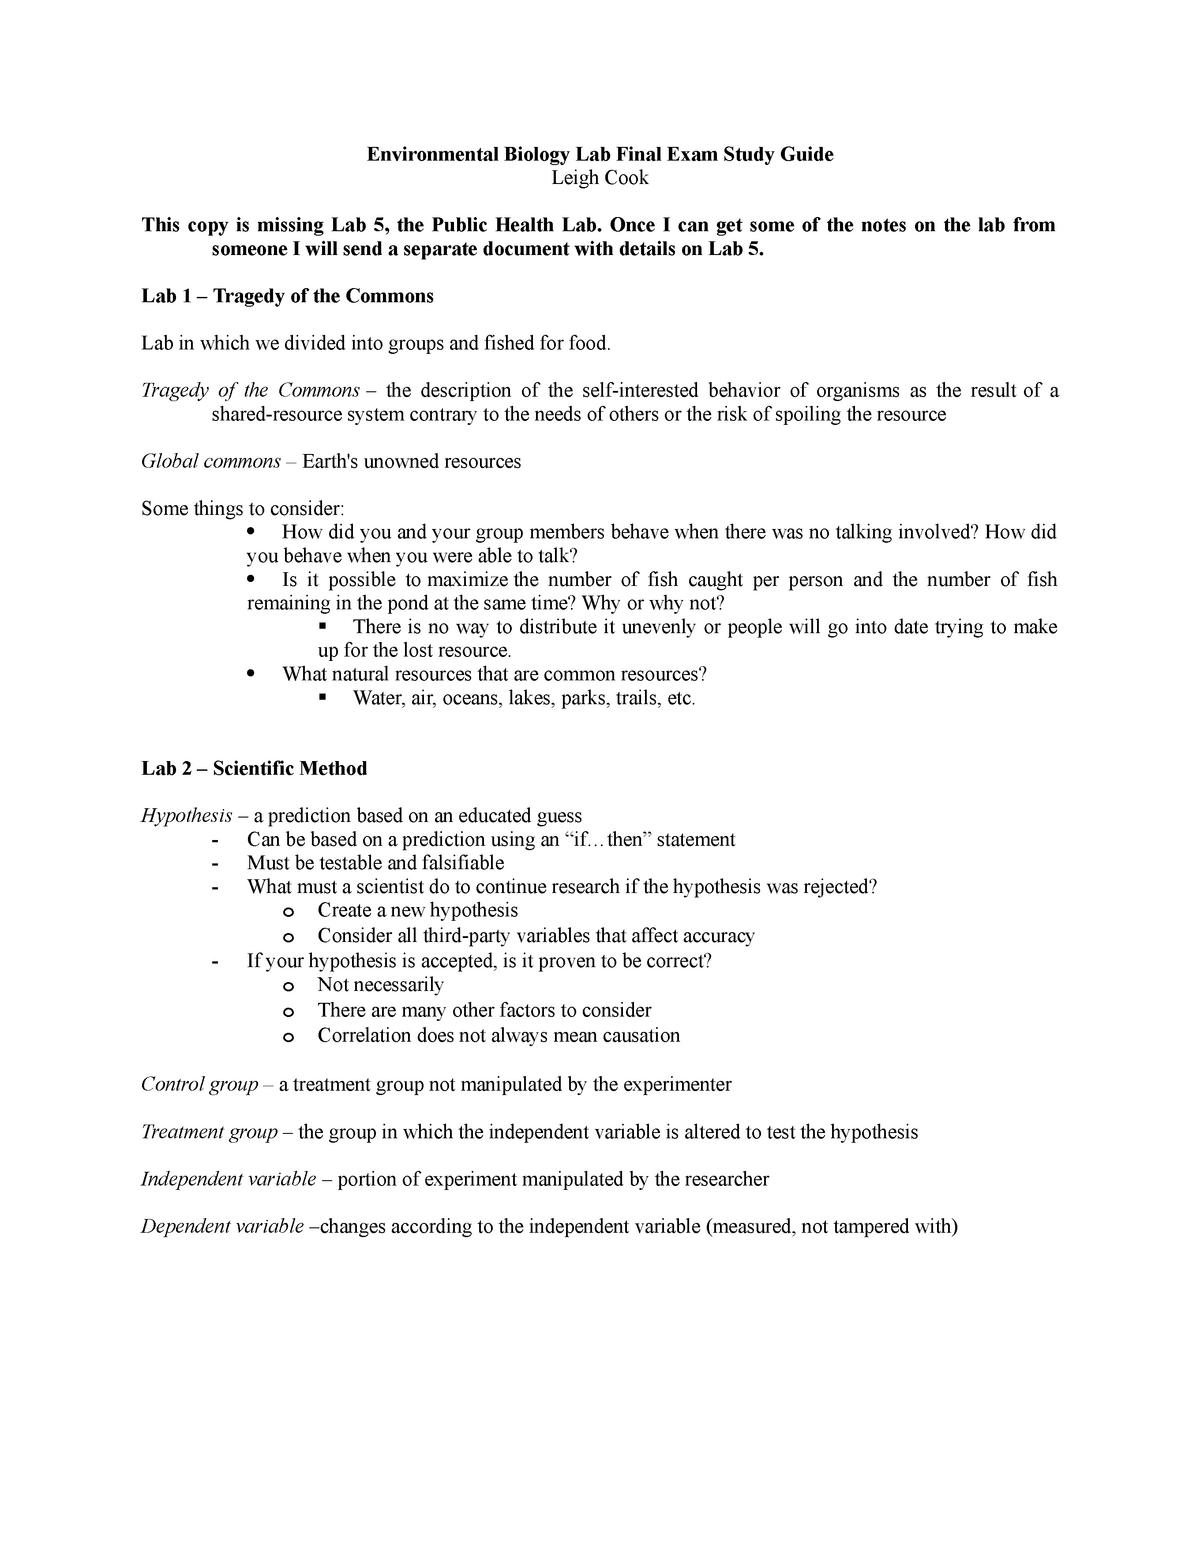 Environmental Biology Lab Final Exam Study Guide - BI 105B